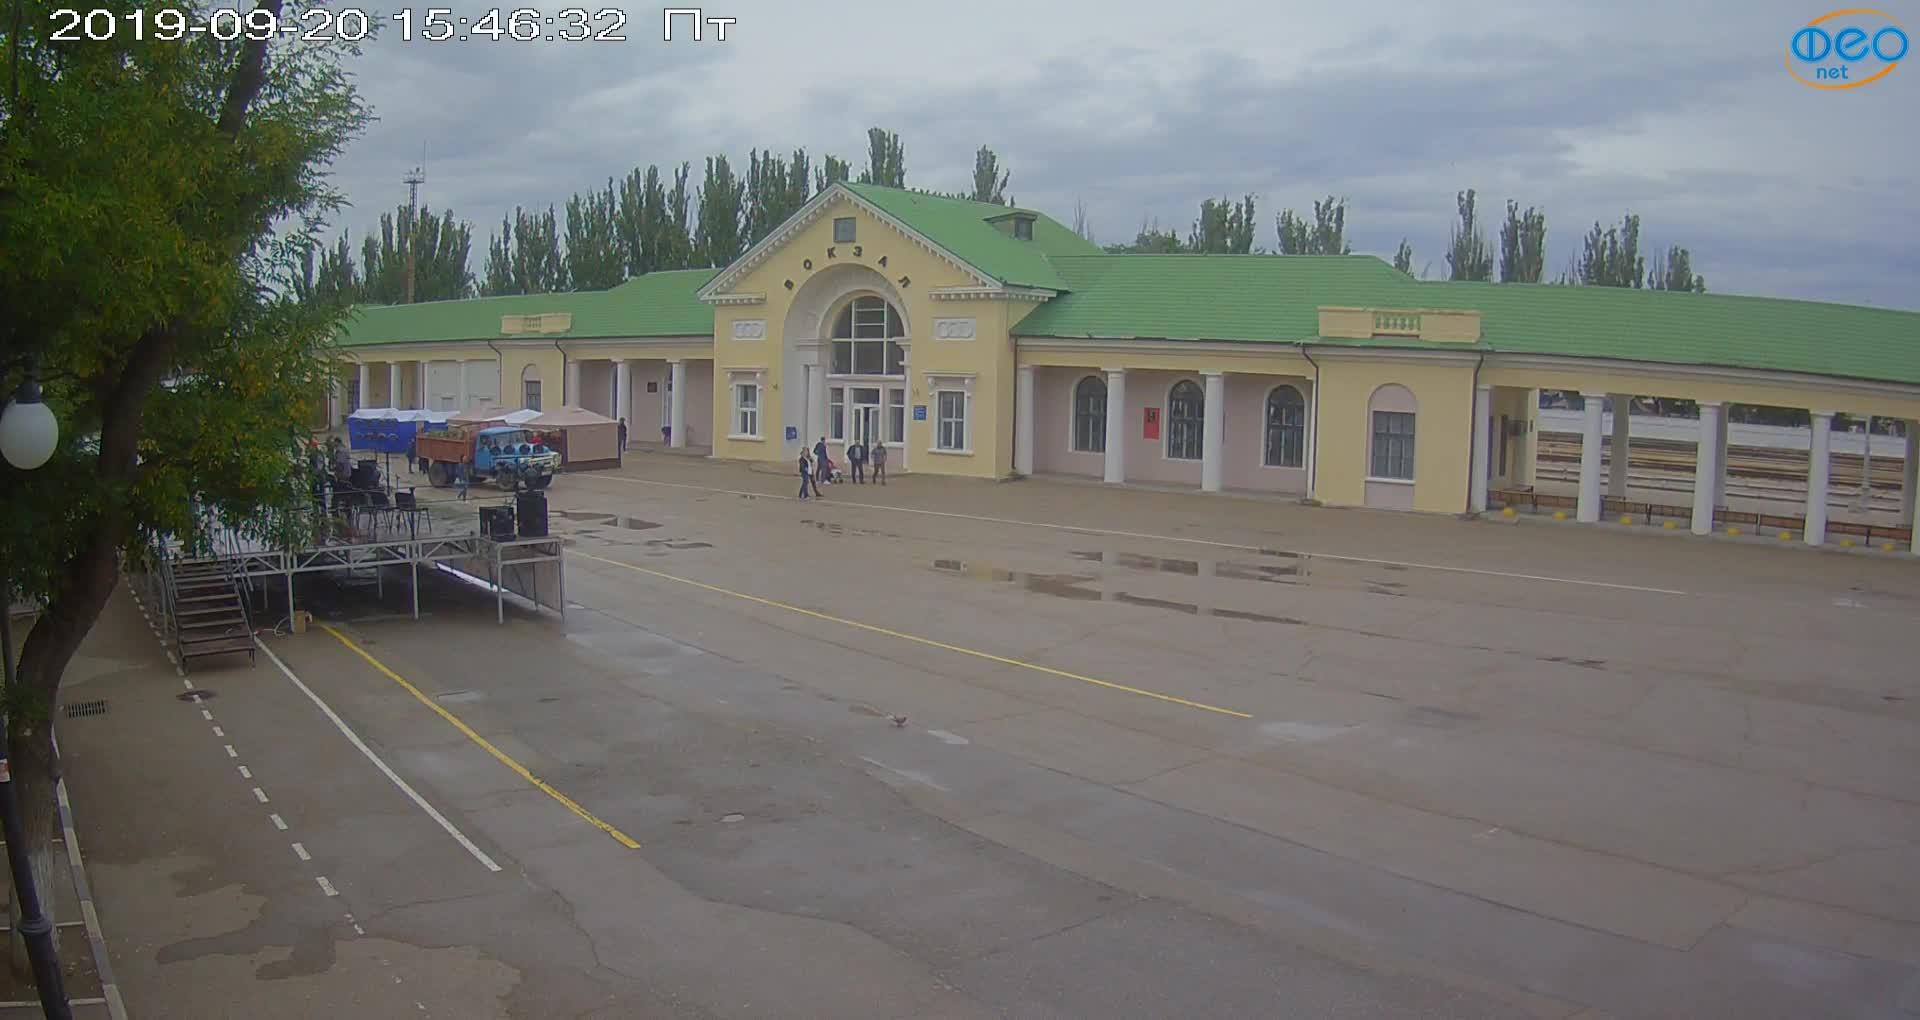 Веб-камеры Феодосии, Привокзальная площадь, 2019-09-20 16:03:07